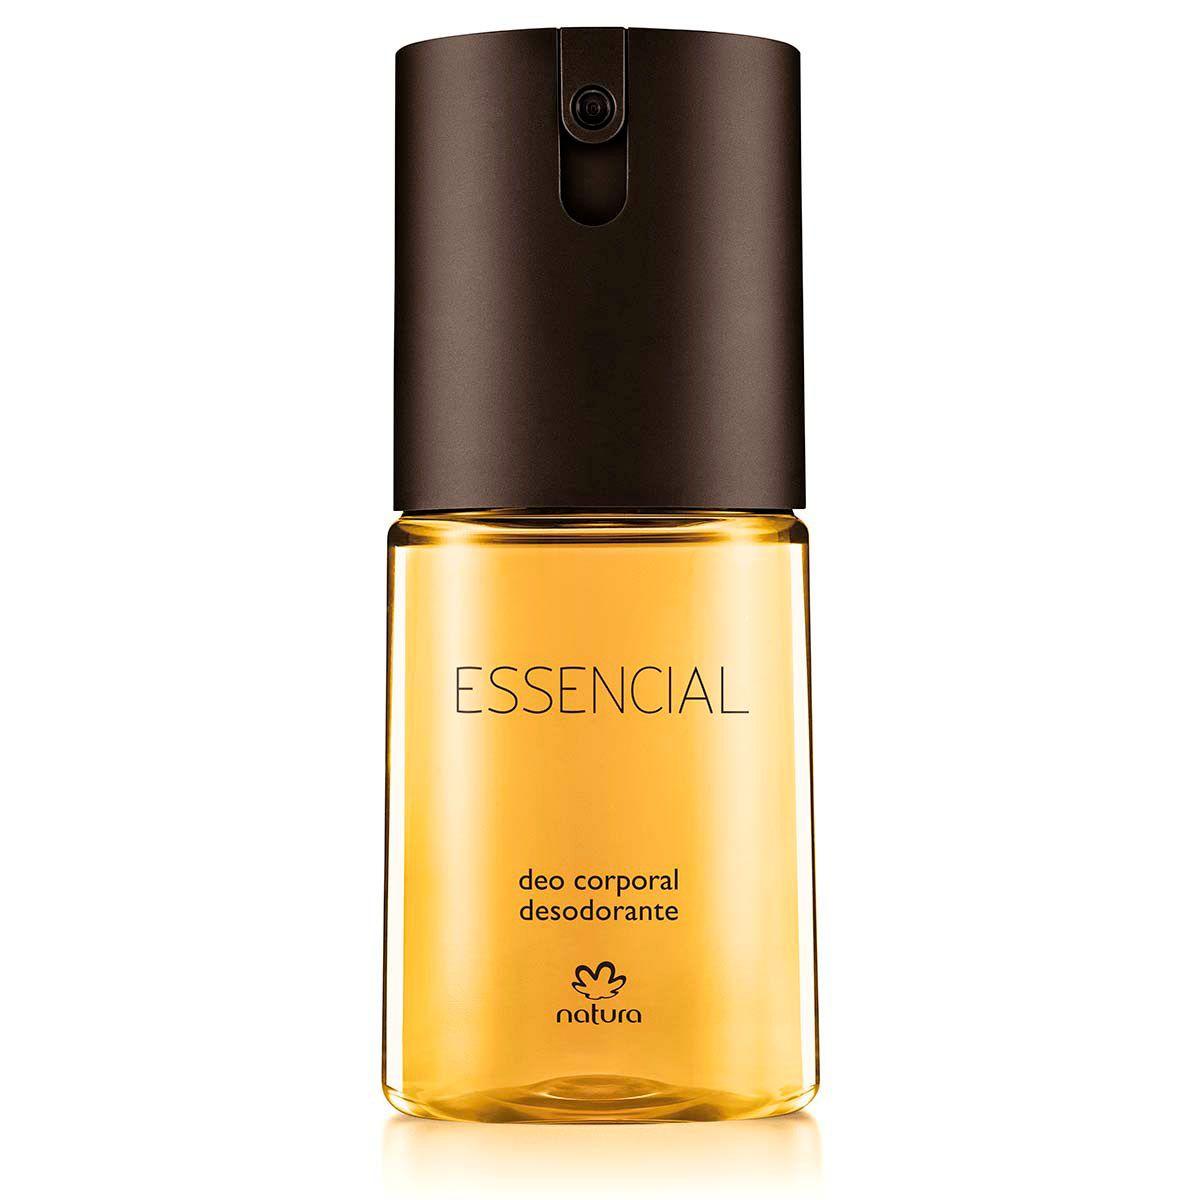 Natura Essencial Deo Corporal Desodorante Masculino 100ml